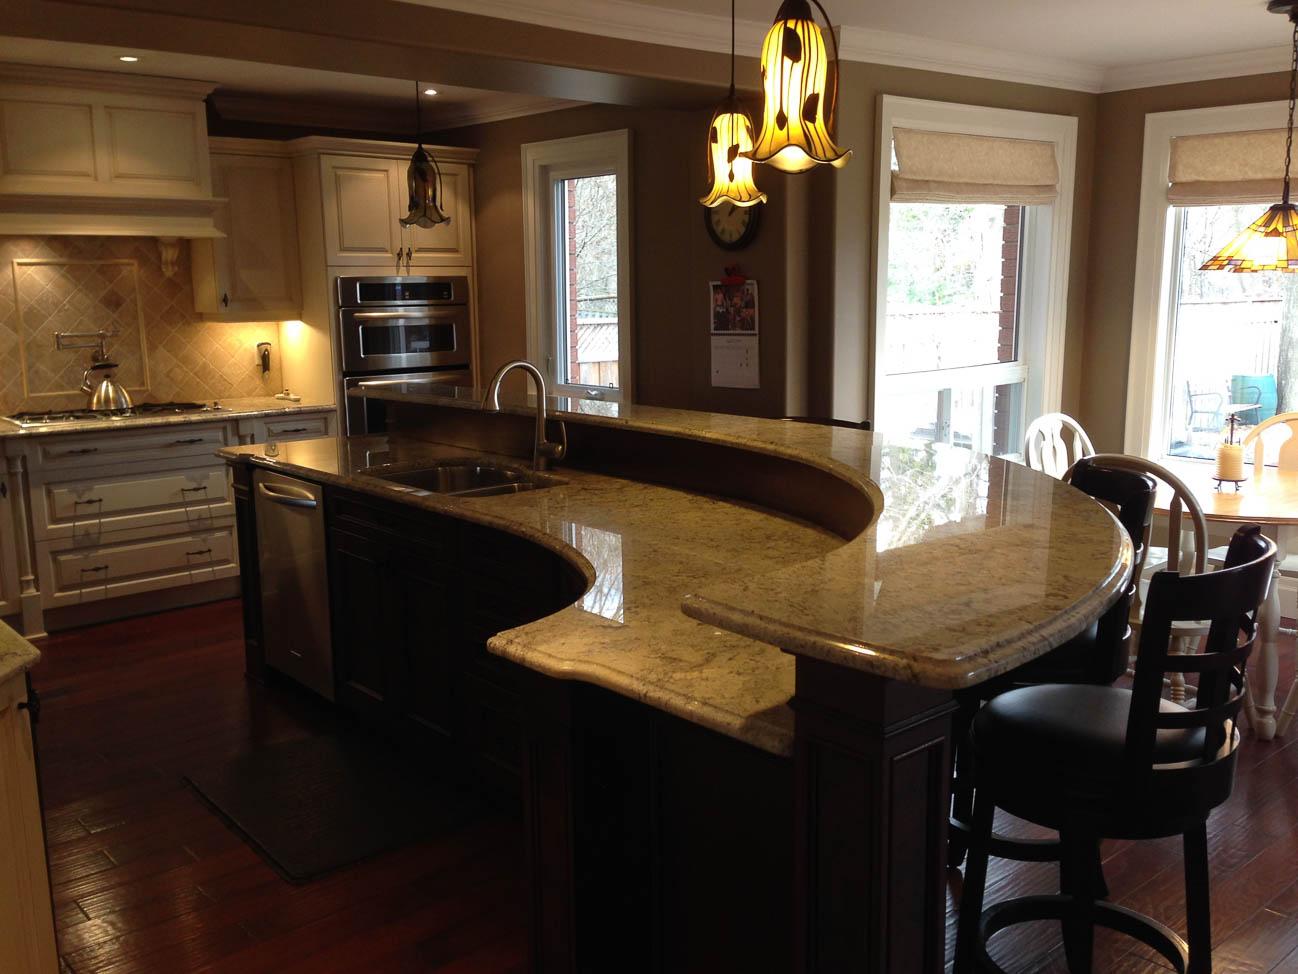 amateur kitchen photograph